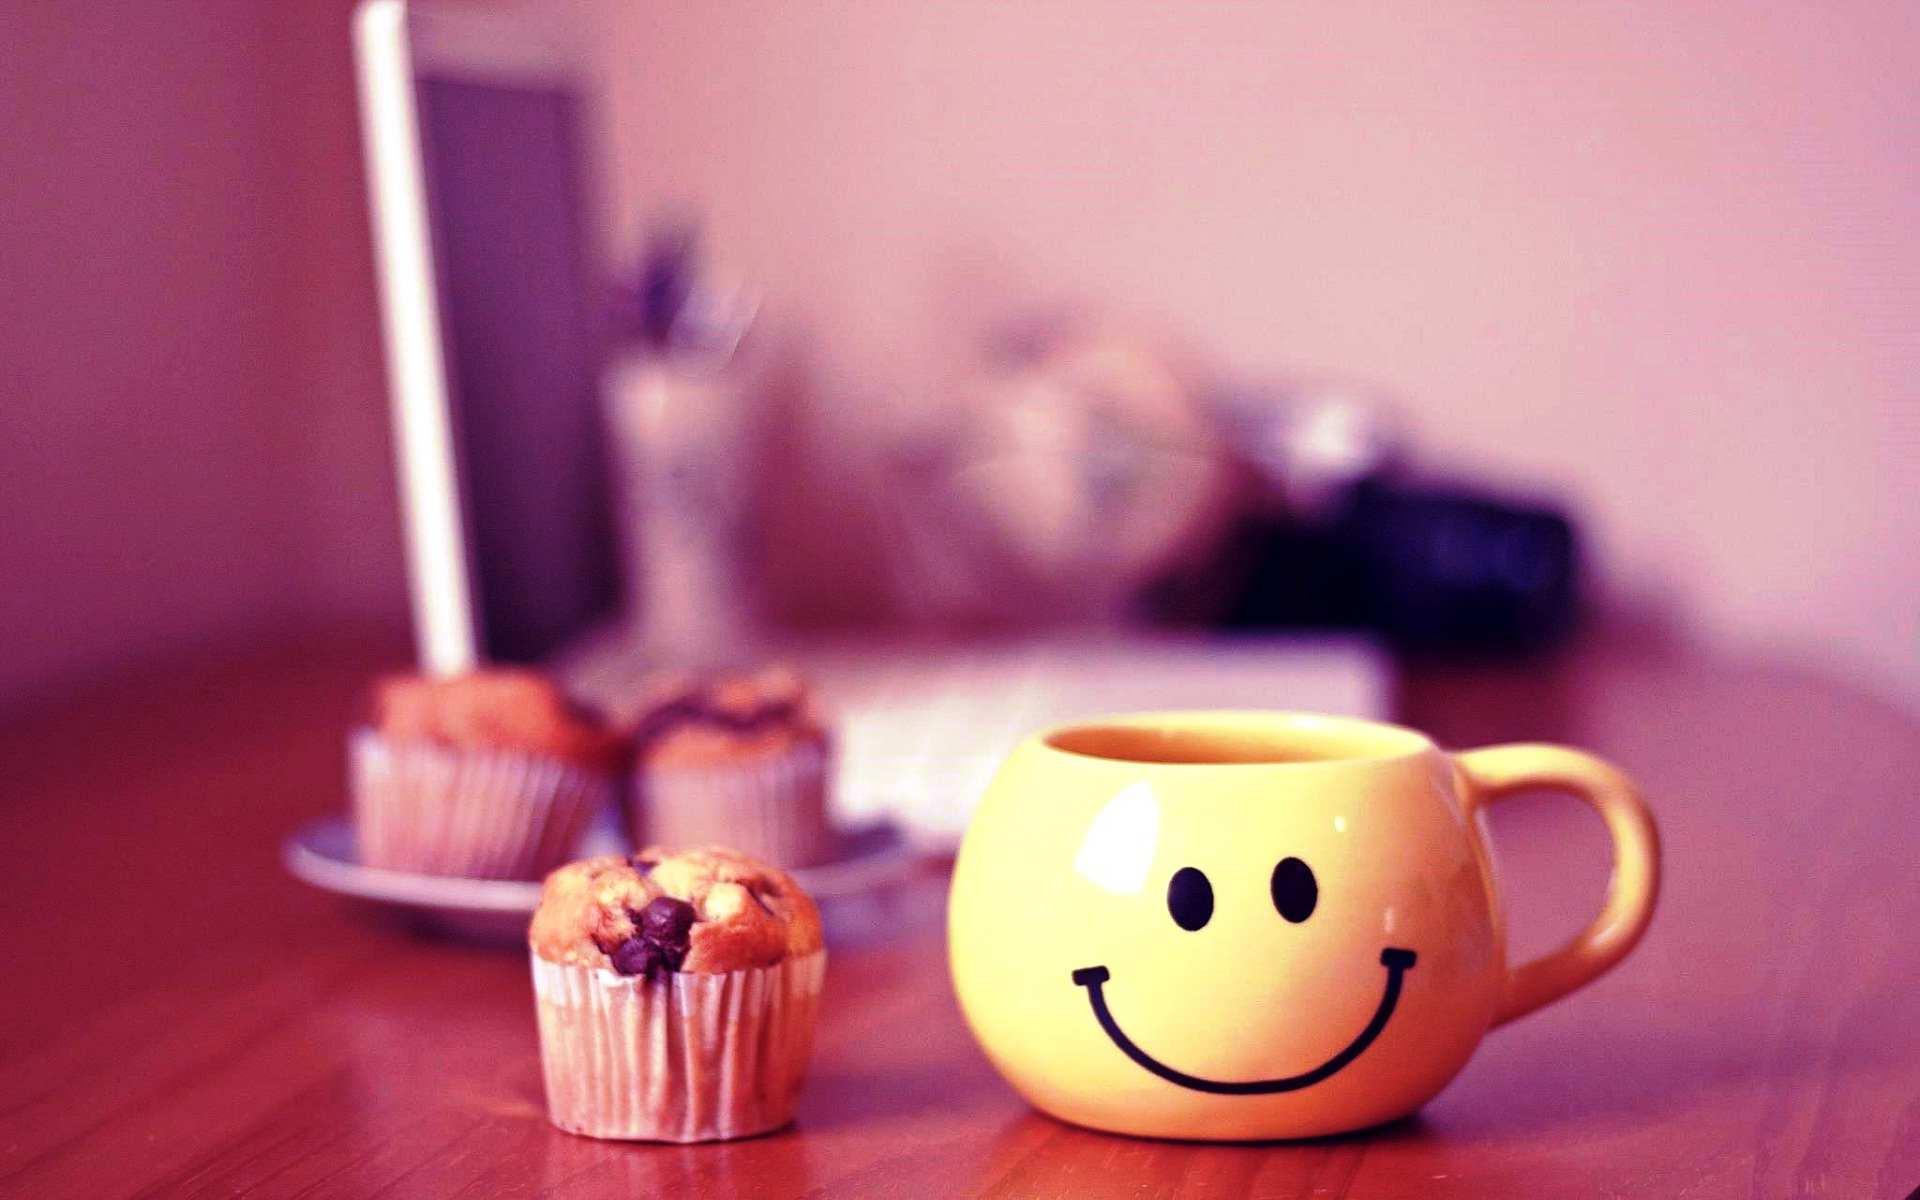 Hình nền máy tính HD chào buổi sáng với một cốc trà dễ thương